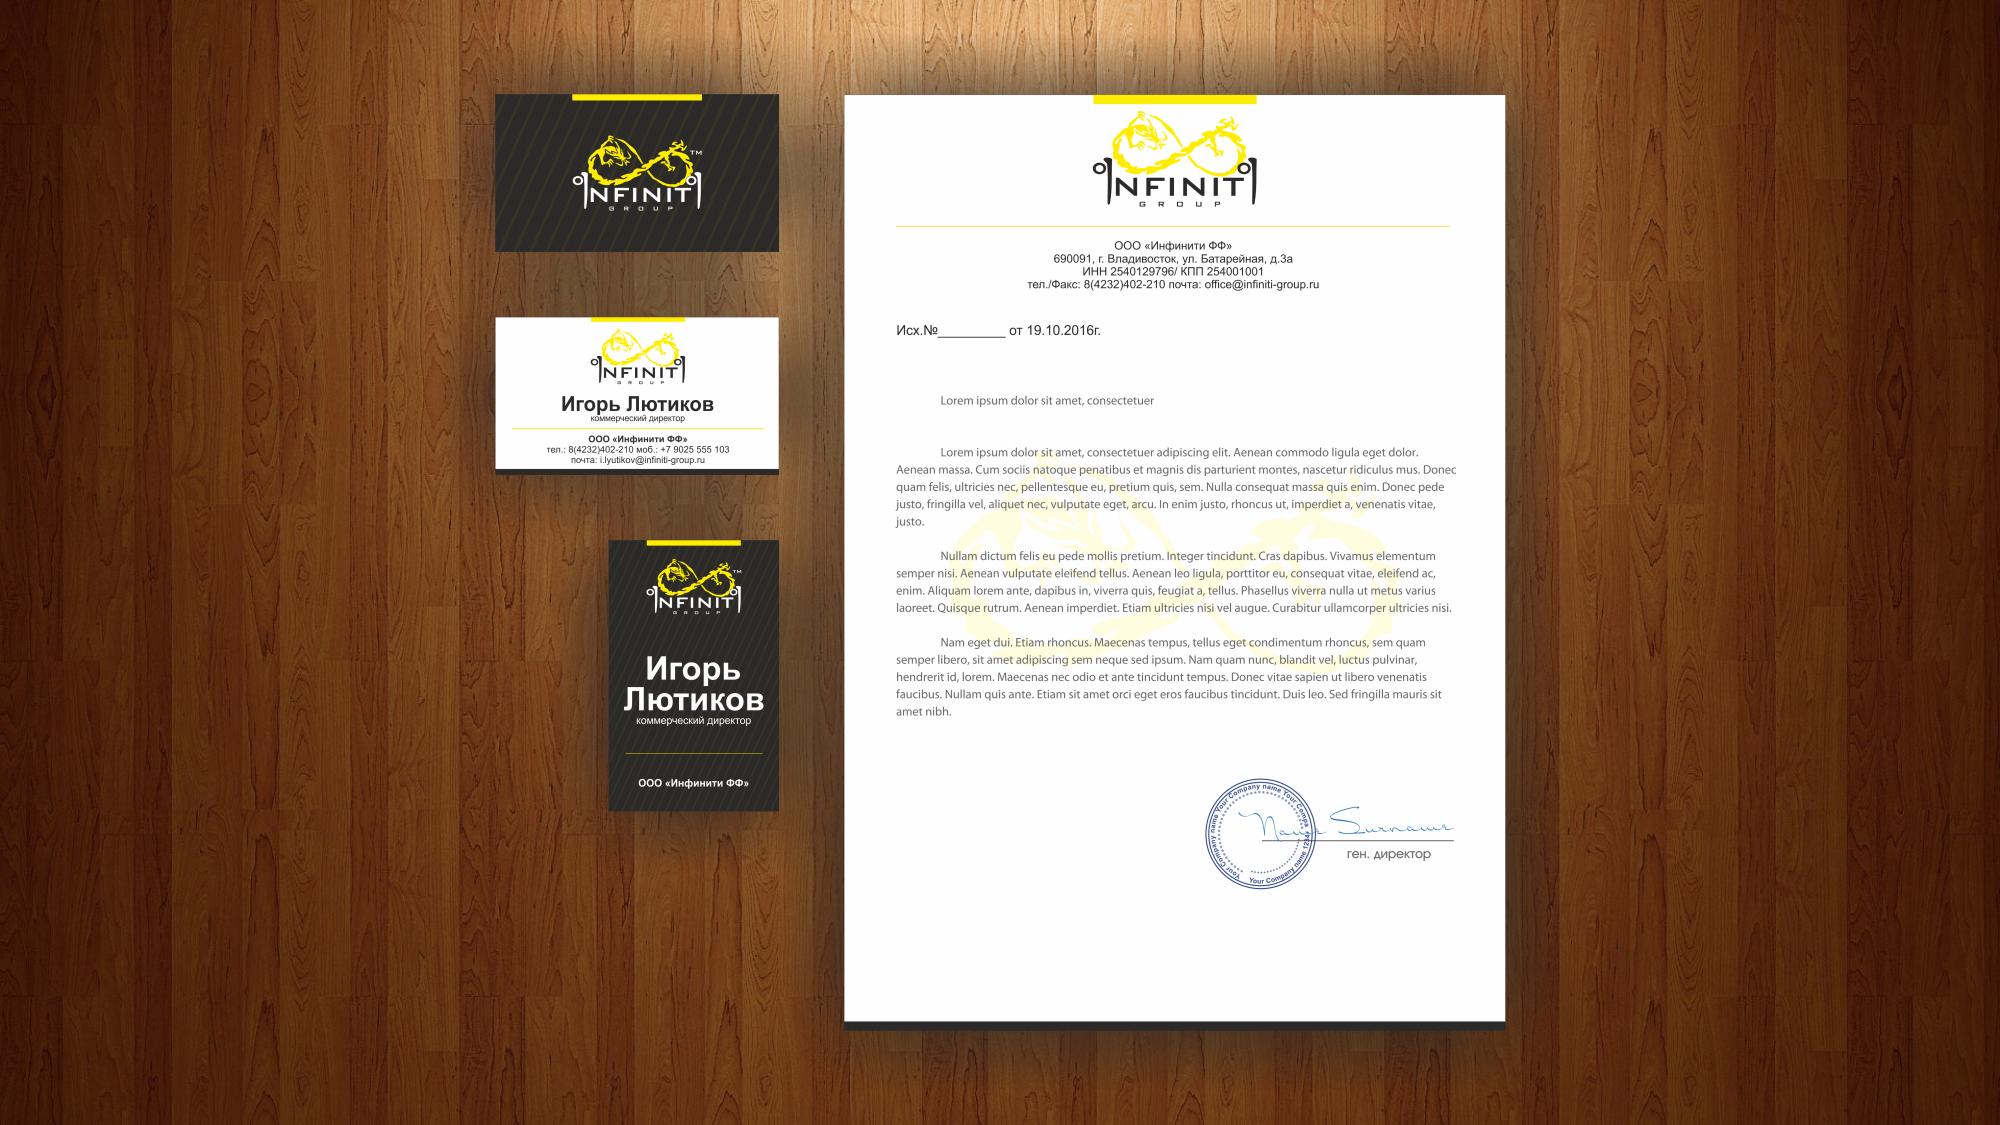 Требуется разработка дизайна визитки и карты доступа и т.п. фото f_5175913355d9c004.jpg